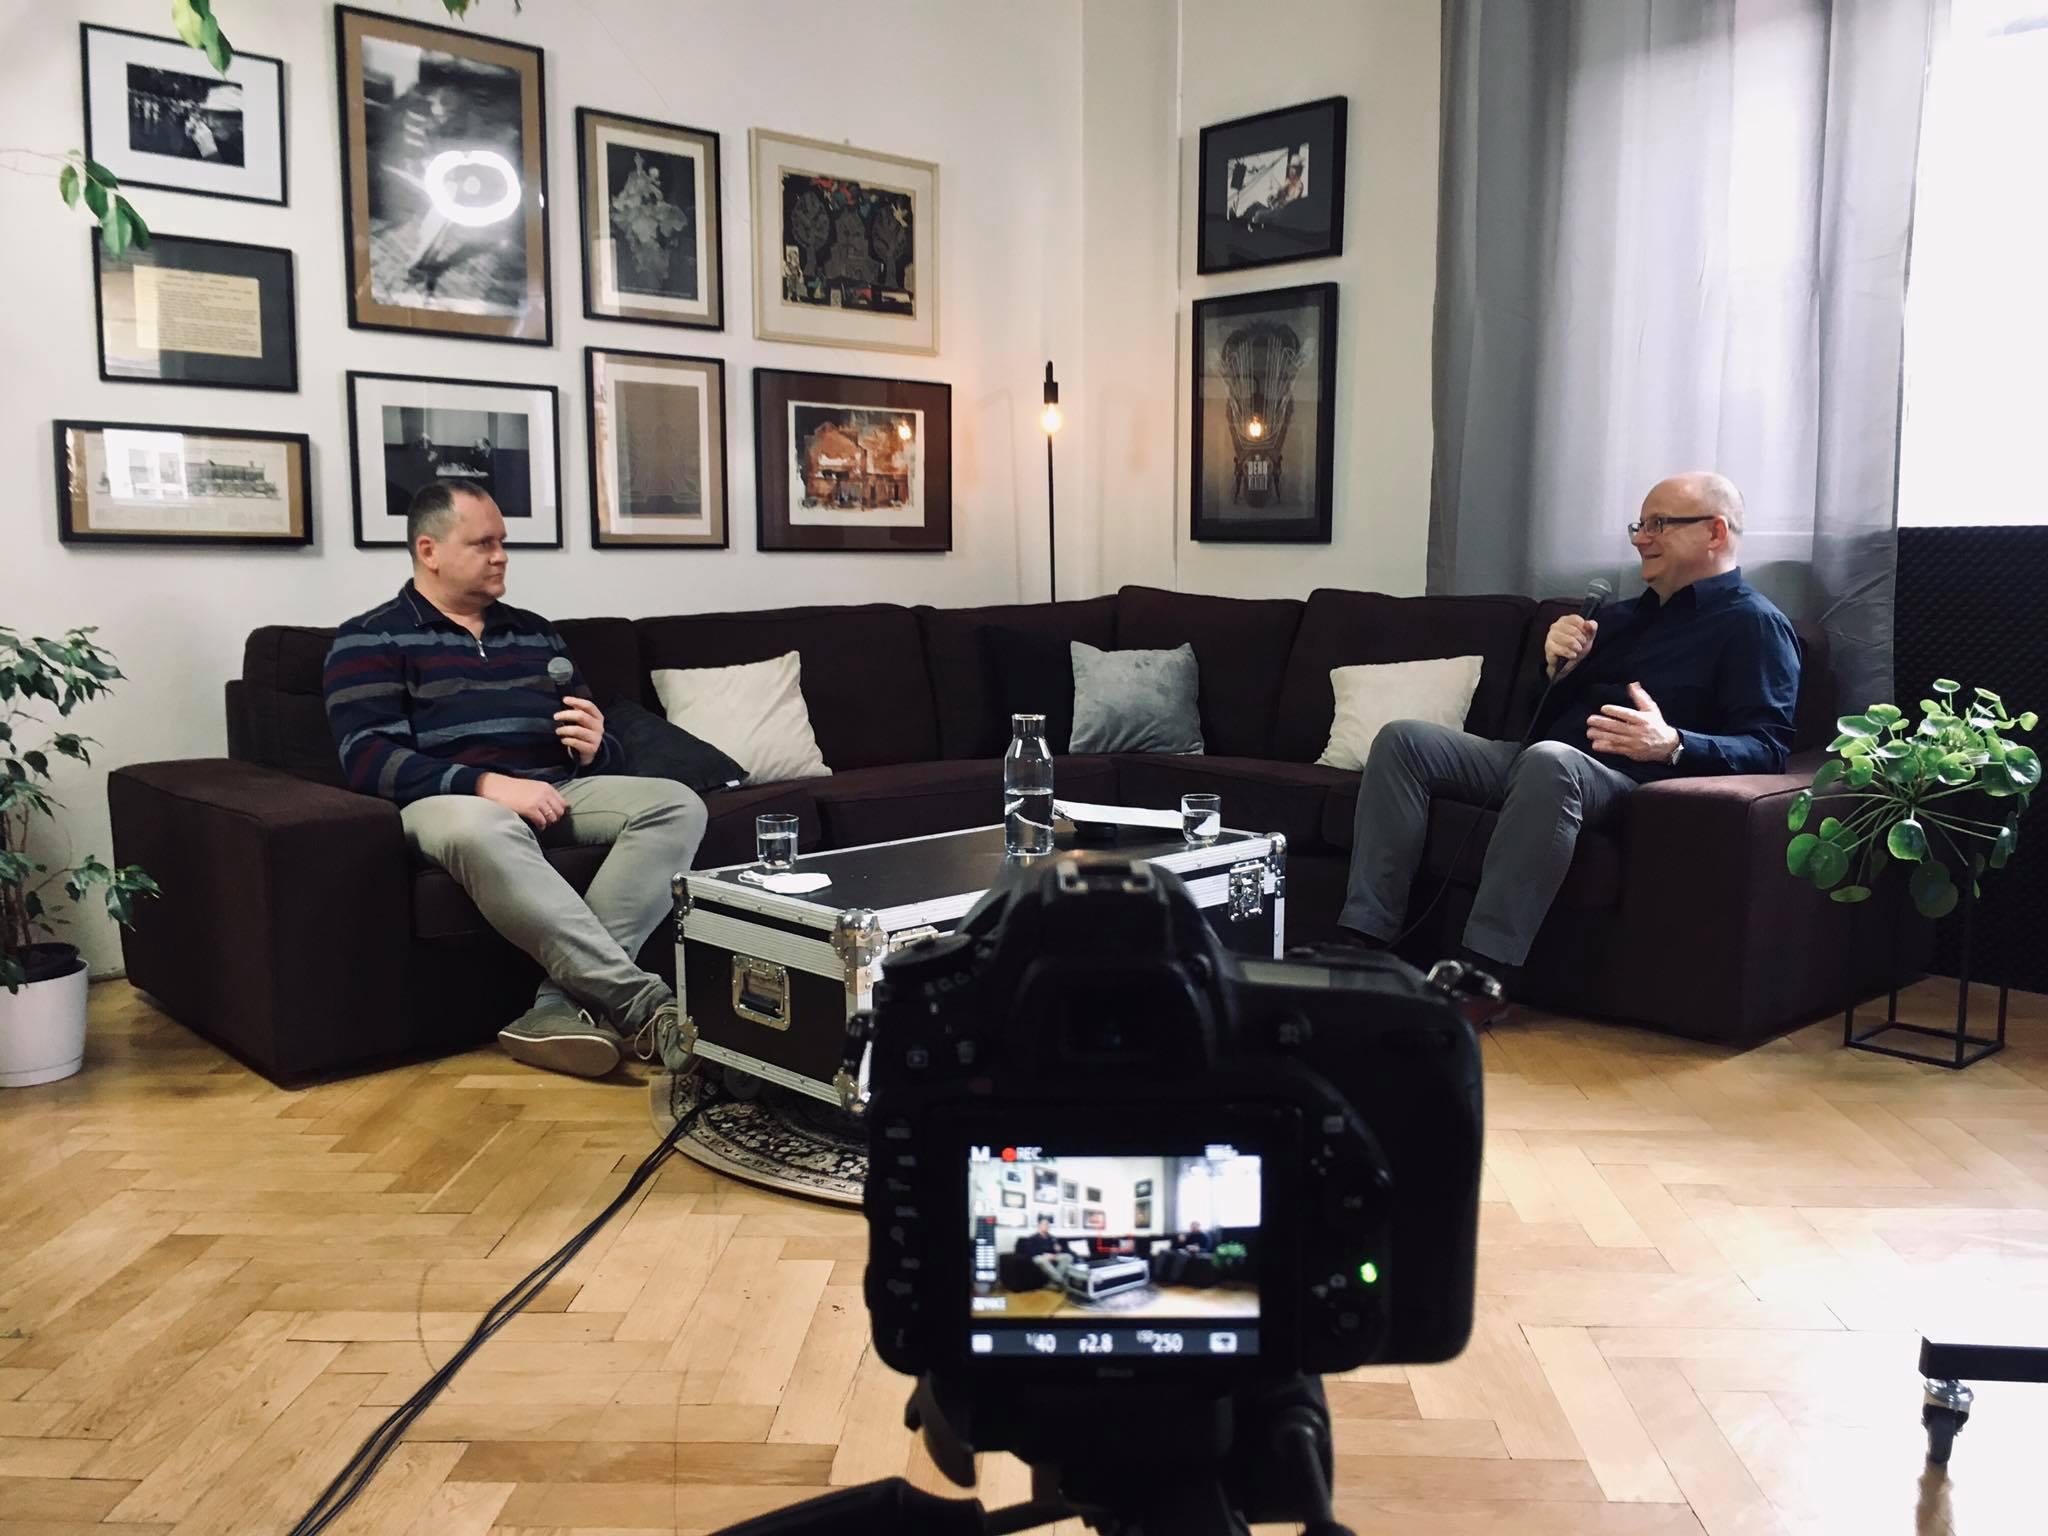 Branislav Moťovský a Ivan Ježík sediaci na gauči počas rozhovoru, v popredí fotoaparát